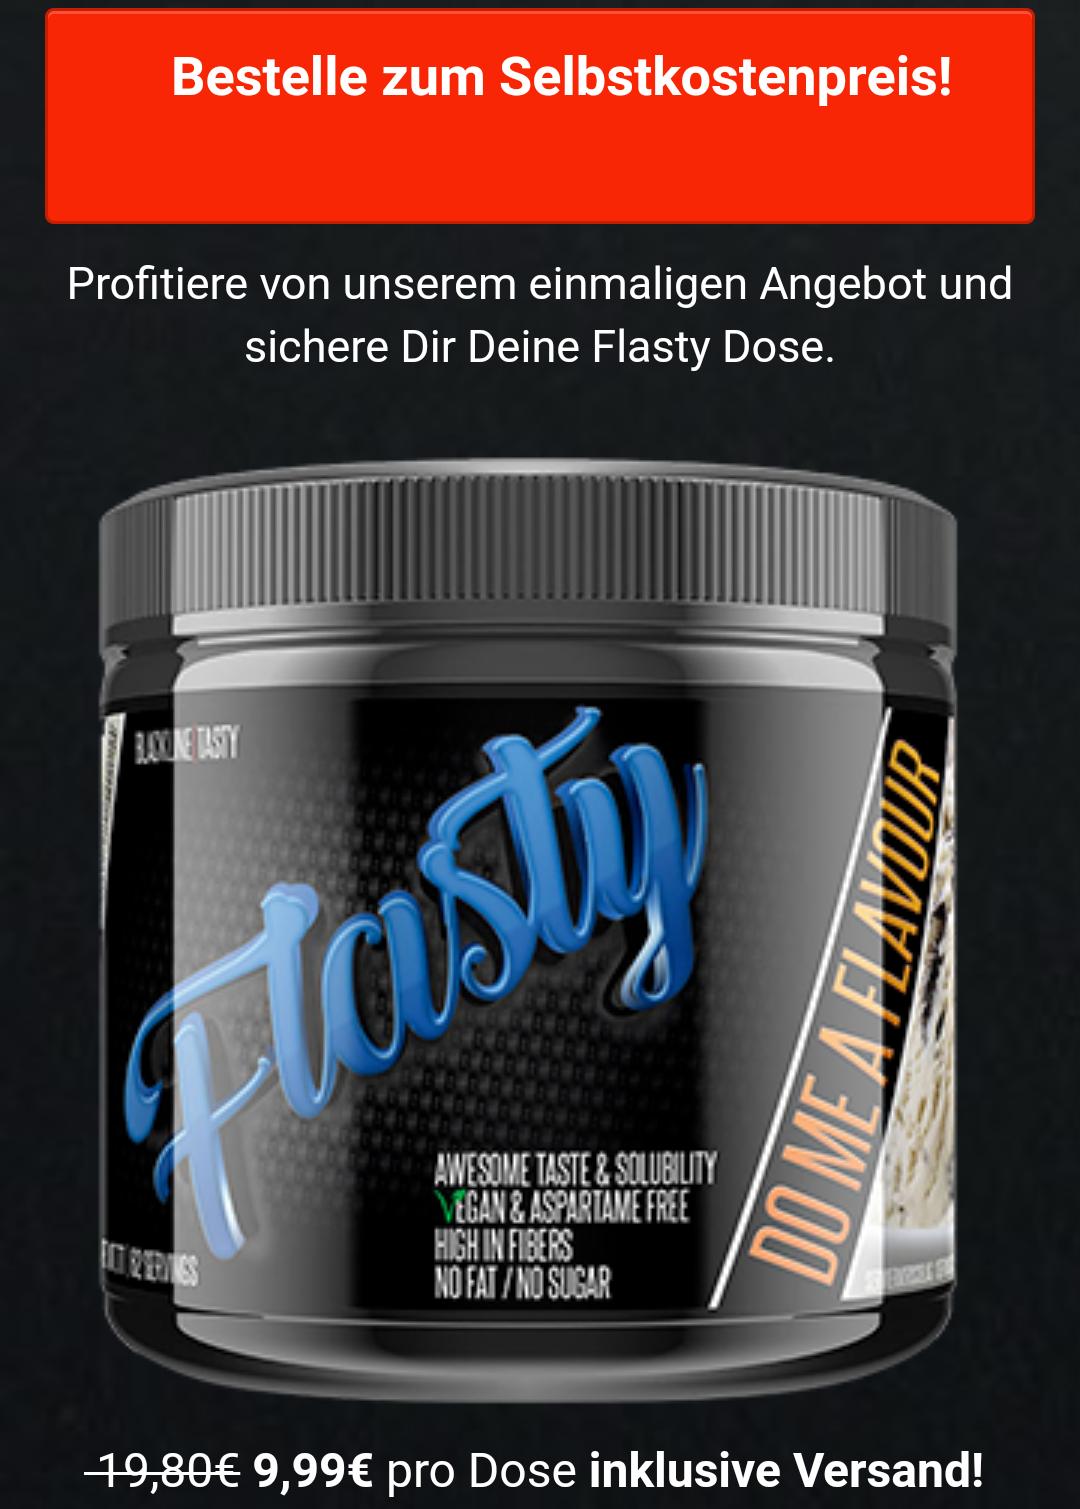 Blacklinetwo #sinob Flasty Geschmackspulver zum Selbstkostenpreis! 9,99 € statt 19,80 € inkl. Versand!